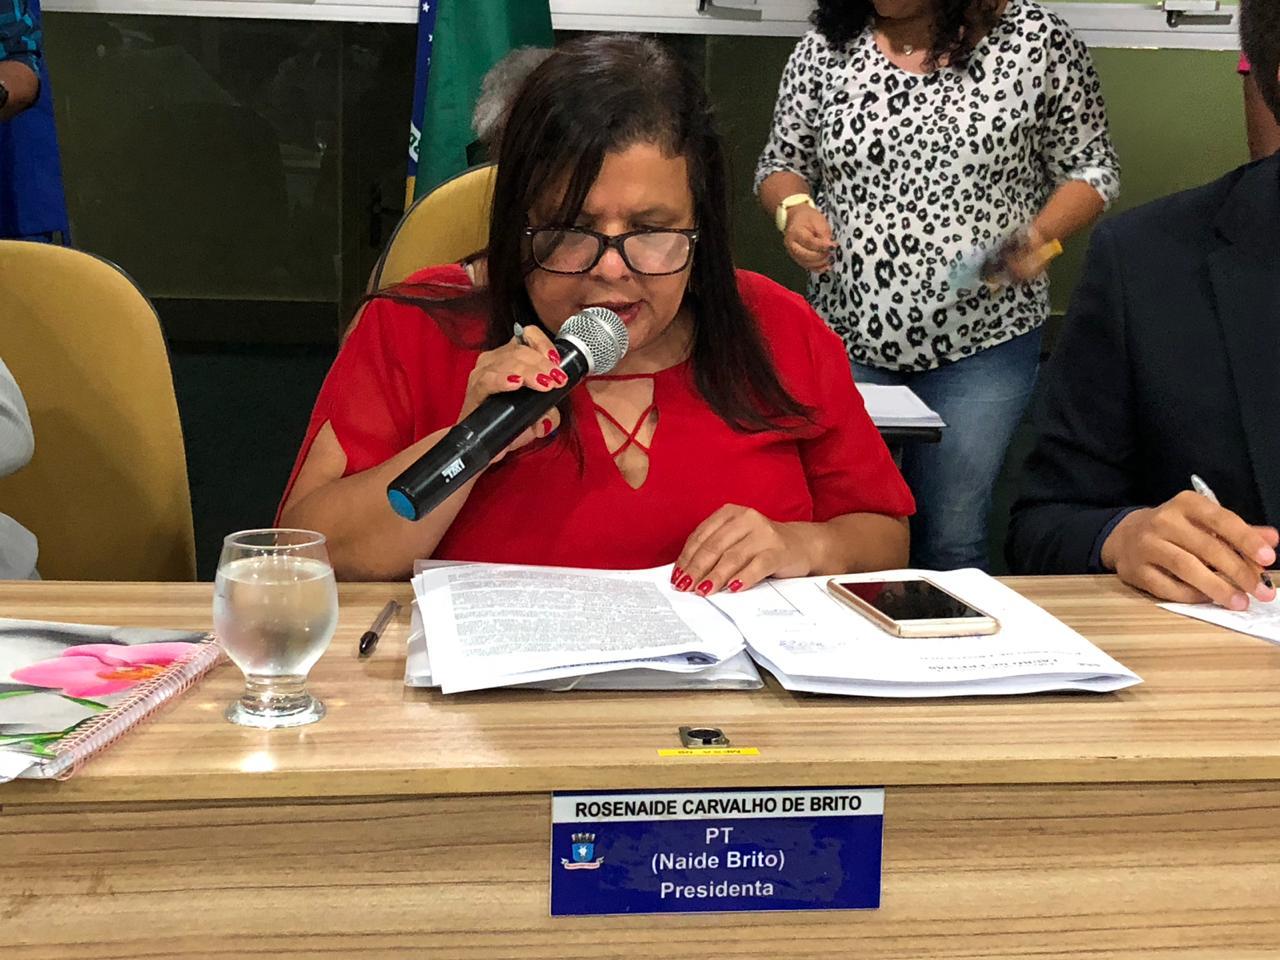 Moção ao Dia do Primeiro Voto Feminino no Brasil foi provada nesta terça (6)